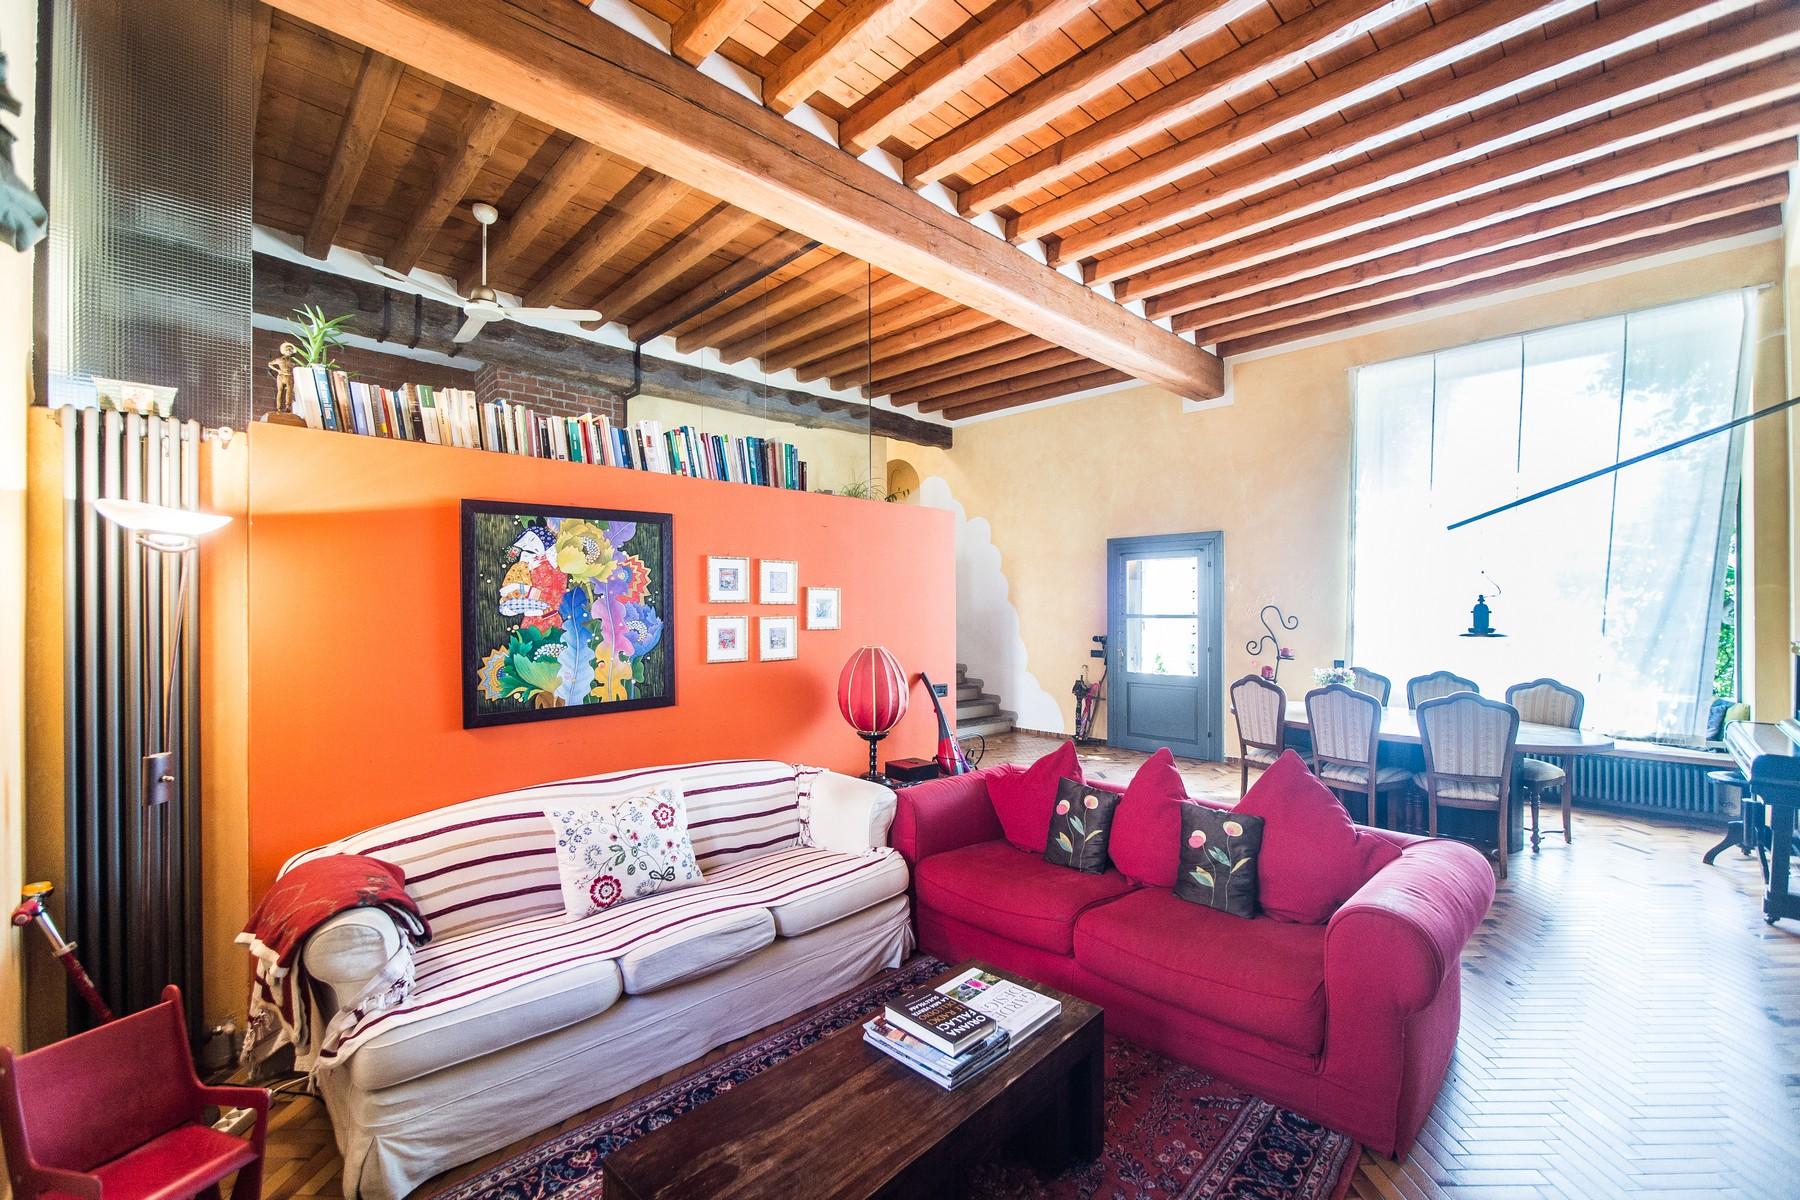 Additional photo for property listing at Magnificent semi-detached house on two levels Via Vittorio Veneto Fino Mornasco, Como 22073 Italia